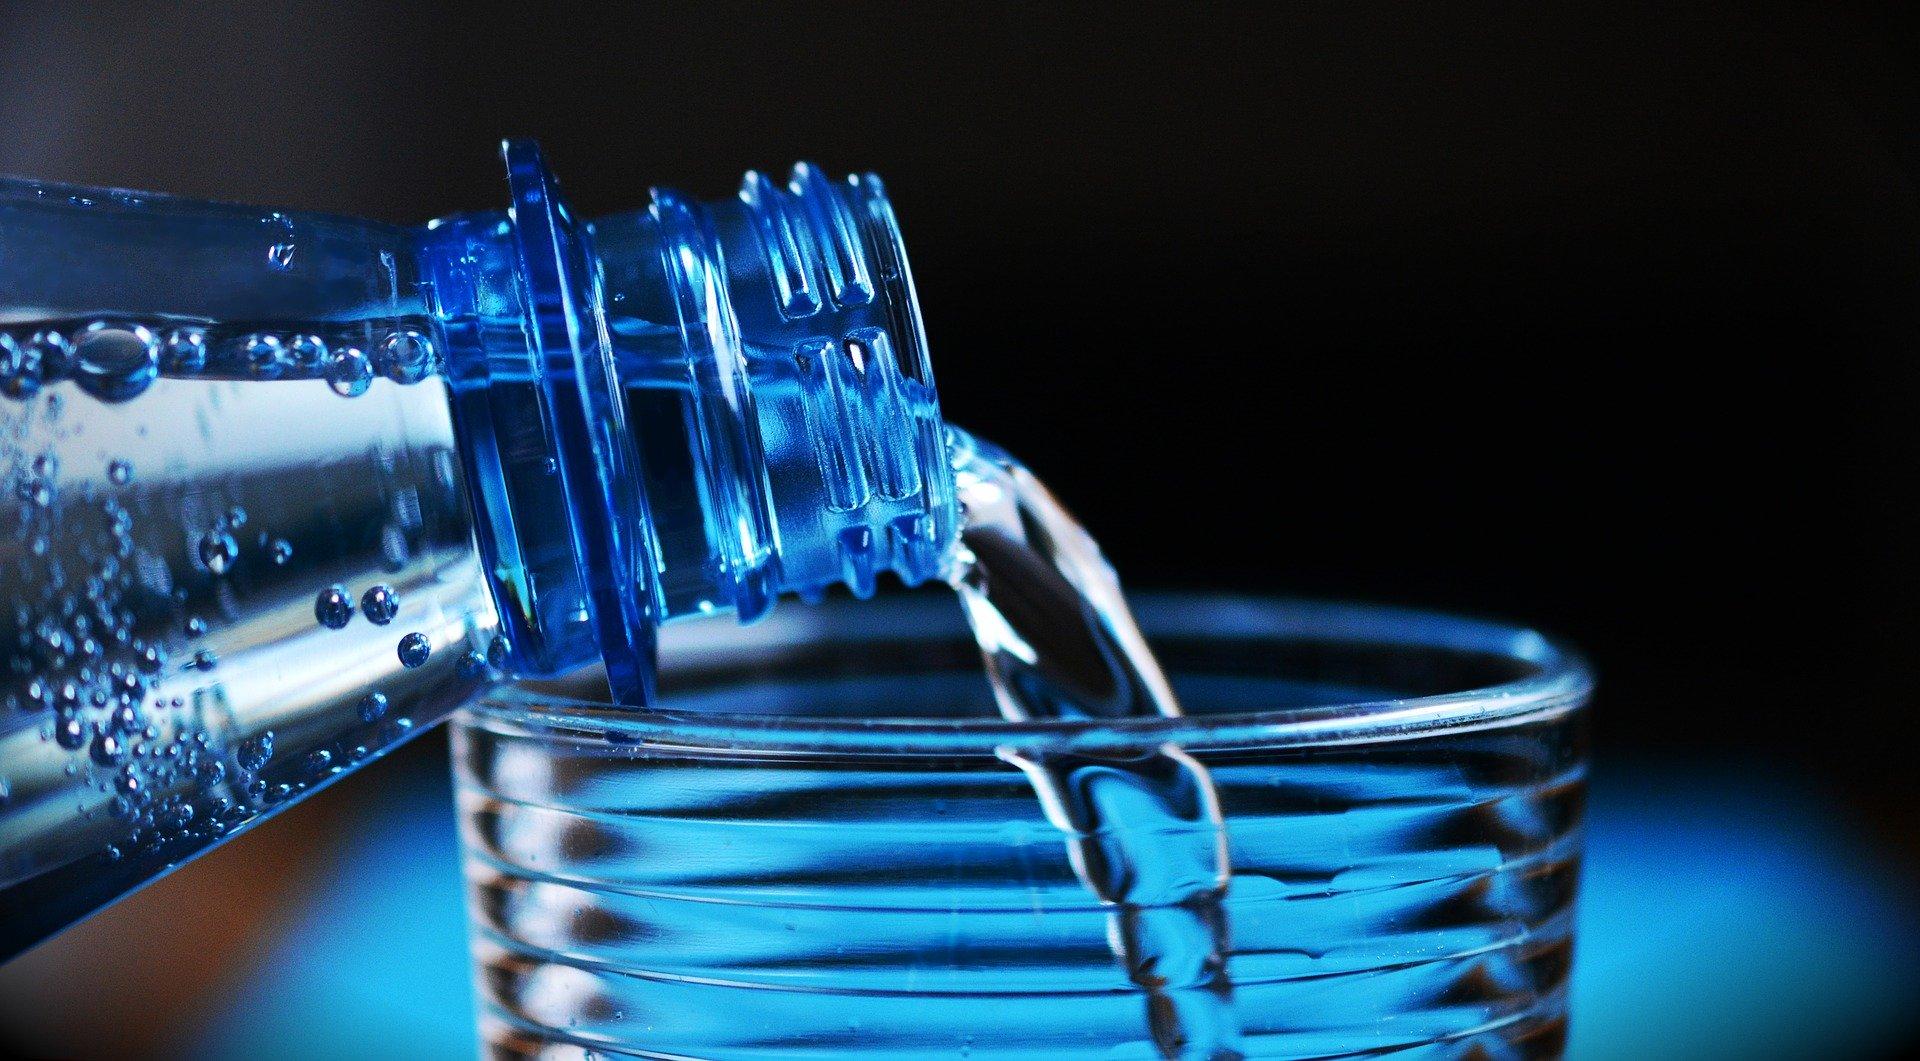 Wasser trinken hilft gegen Prüfungsangst